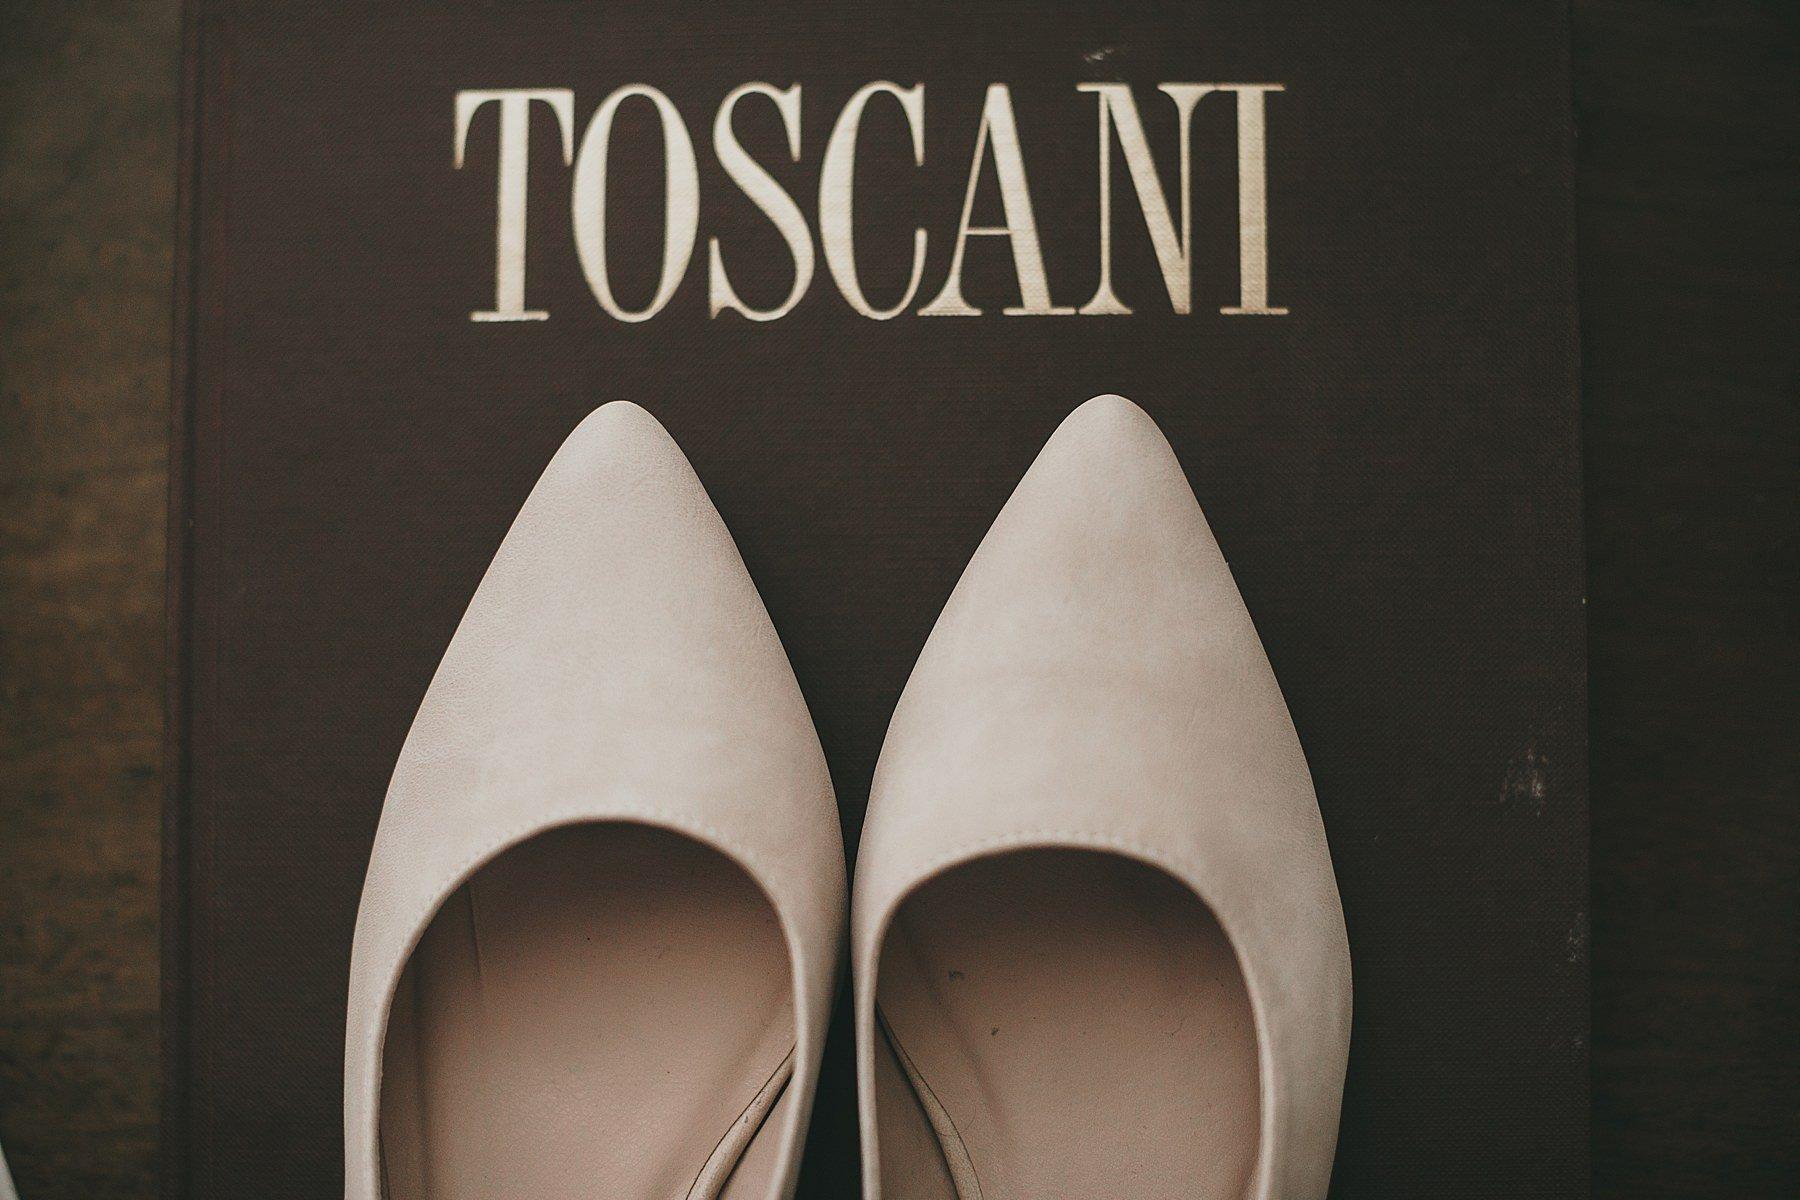 Scarpe da sposa fotografate su un libro con scritto Toscani